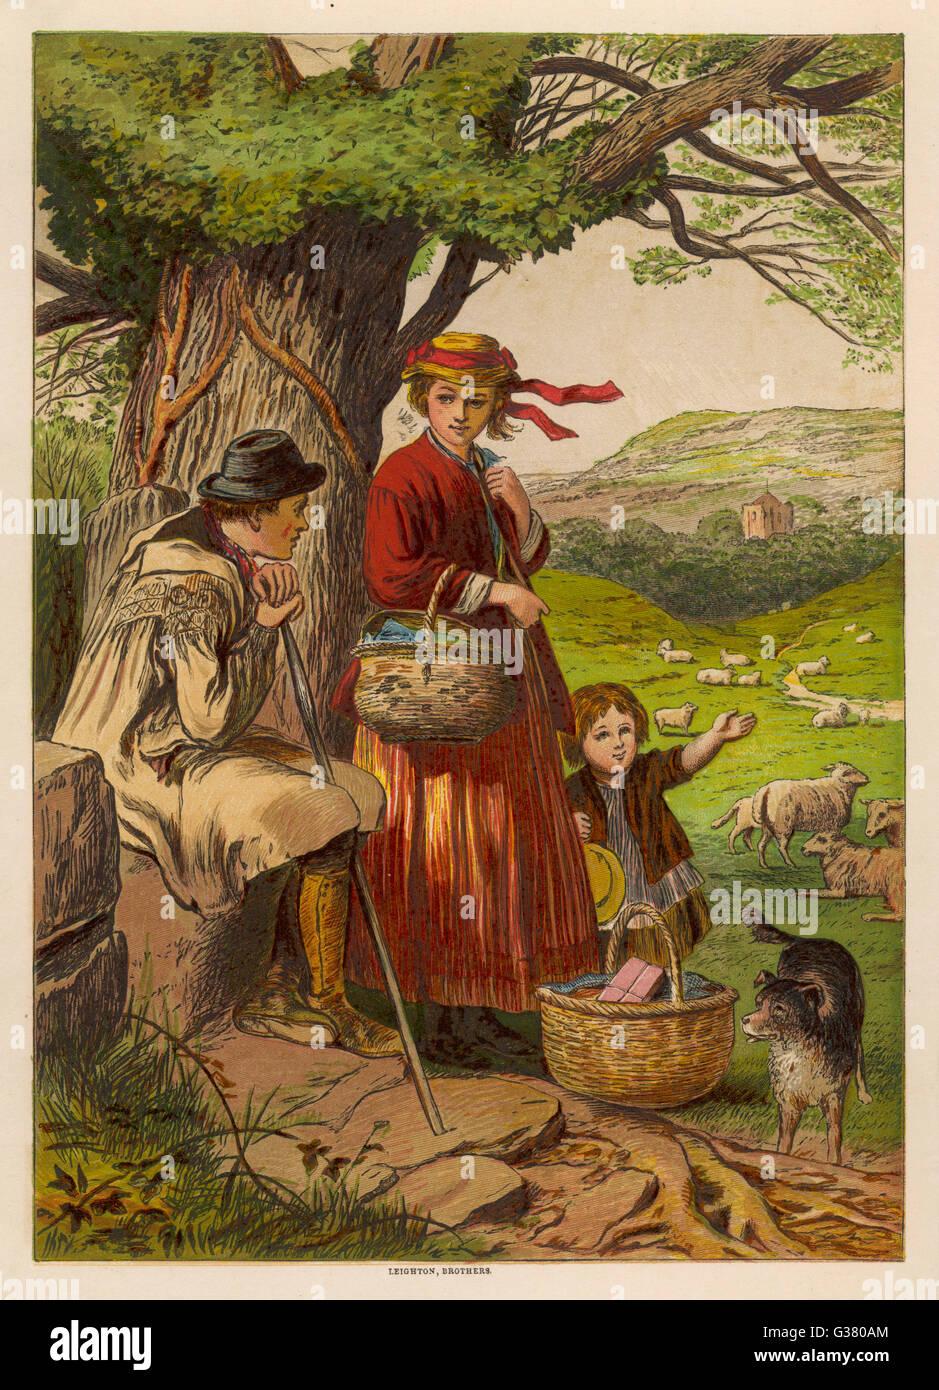 Paese folk andare al mercato data: 1869 Immagini Stock